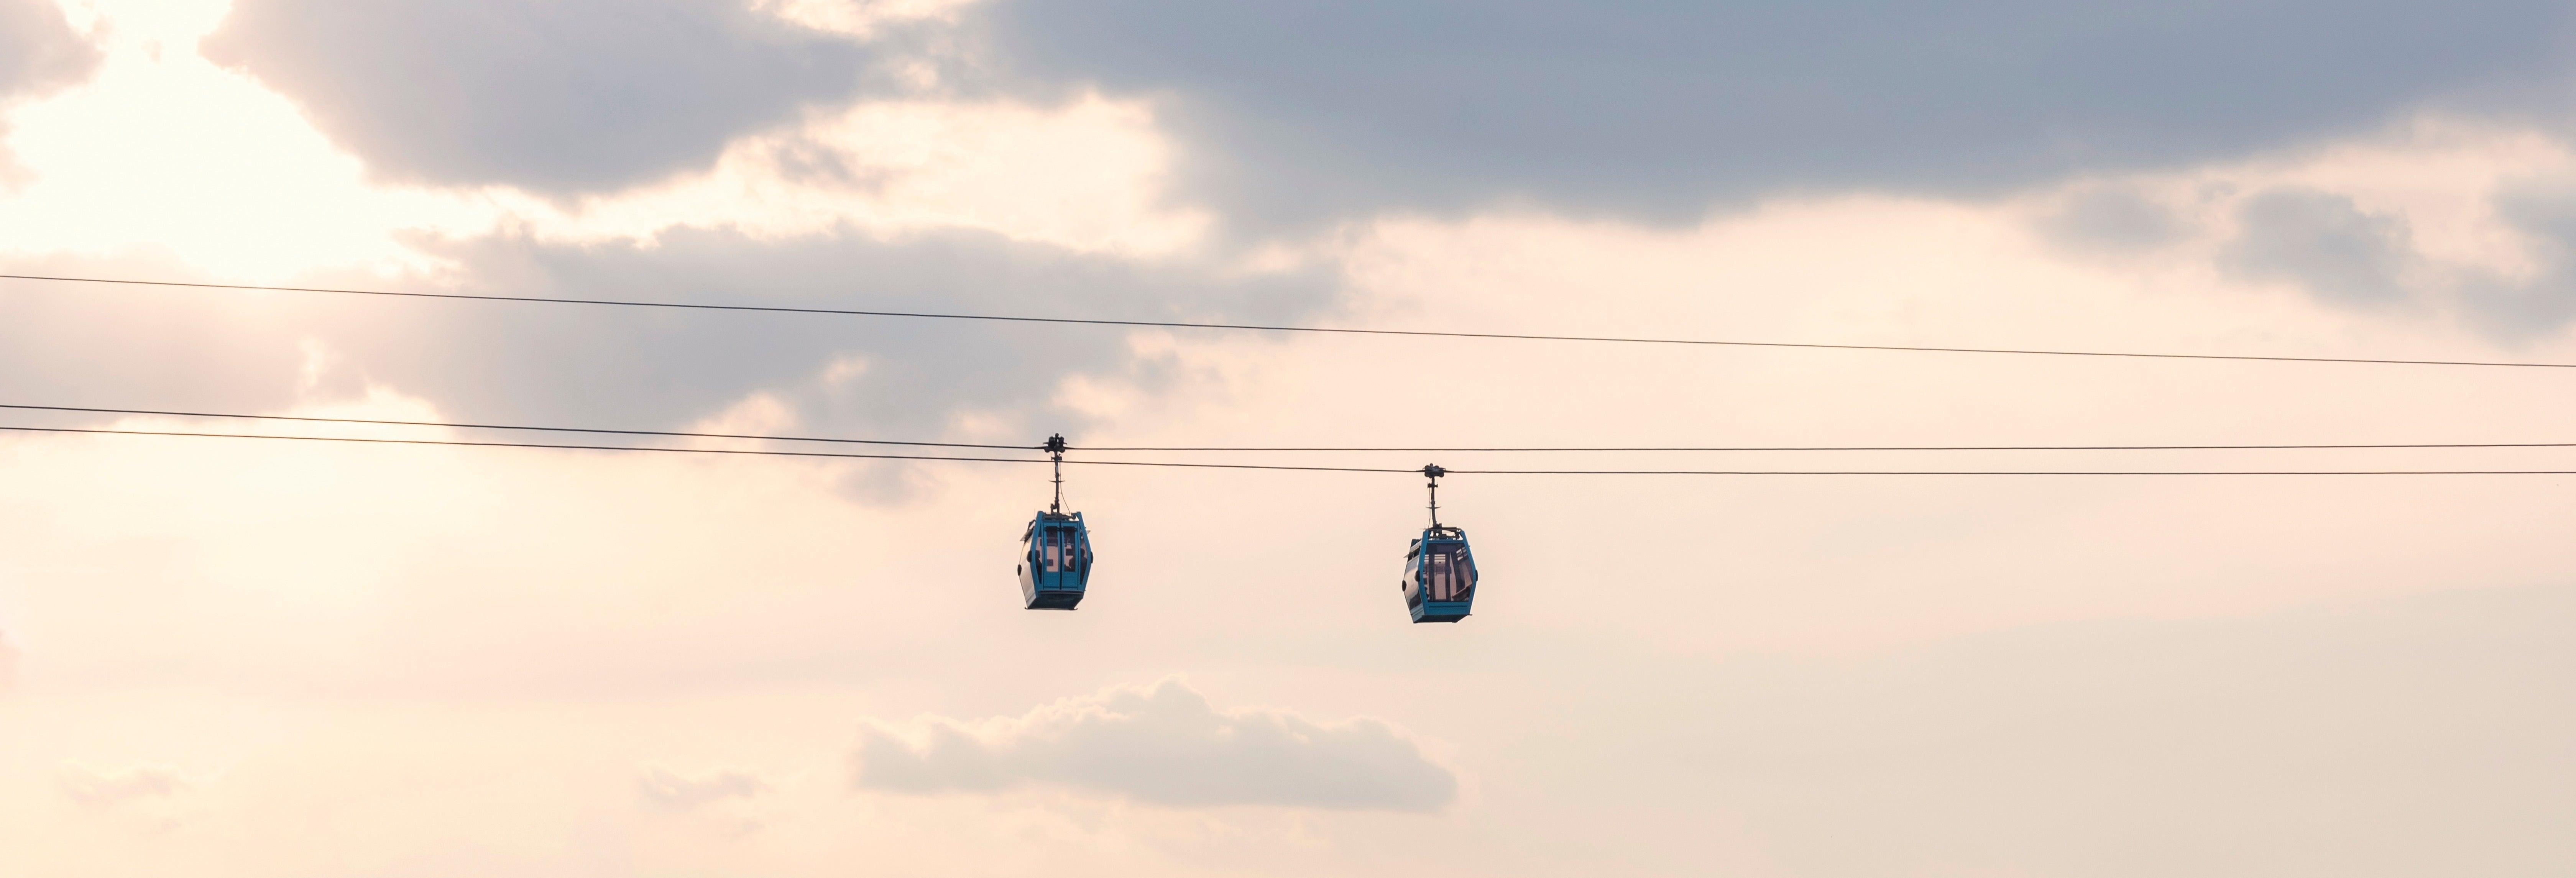 Ingresso do teleférico de Puebla